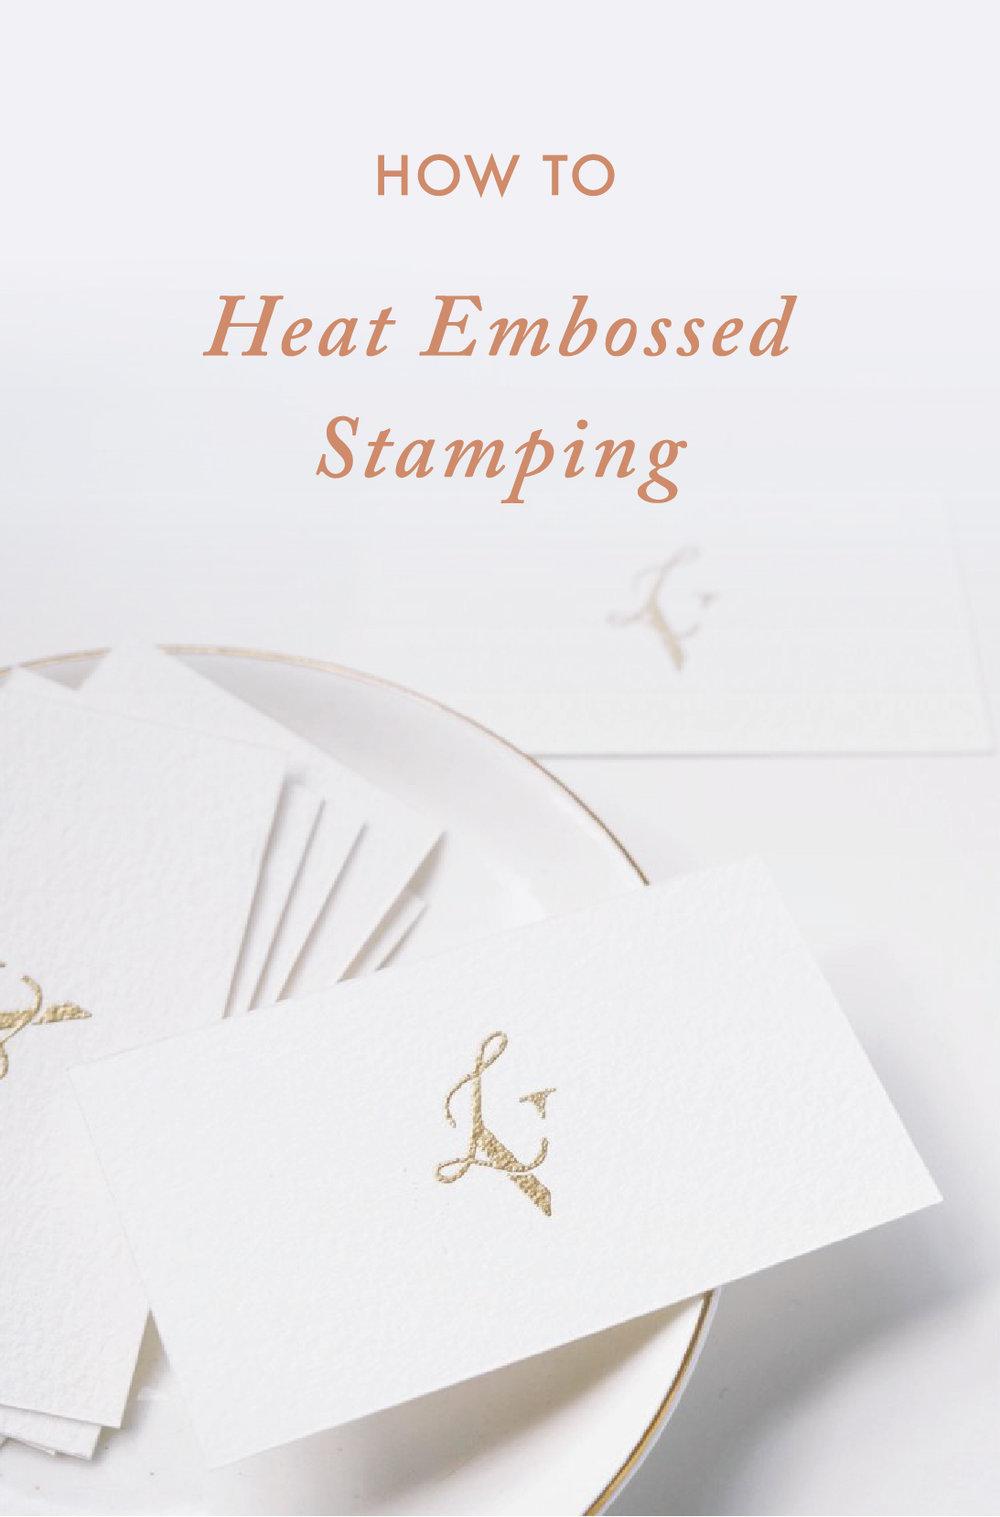 heat-embossing-embossed-stamping.jpg